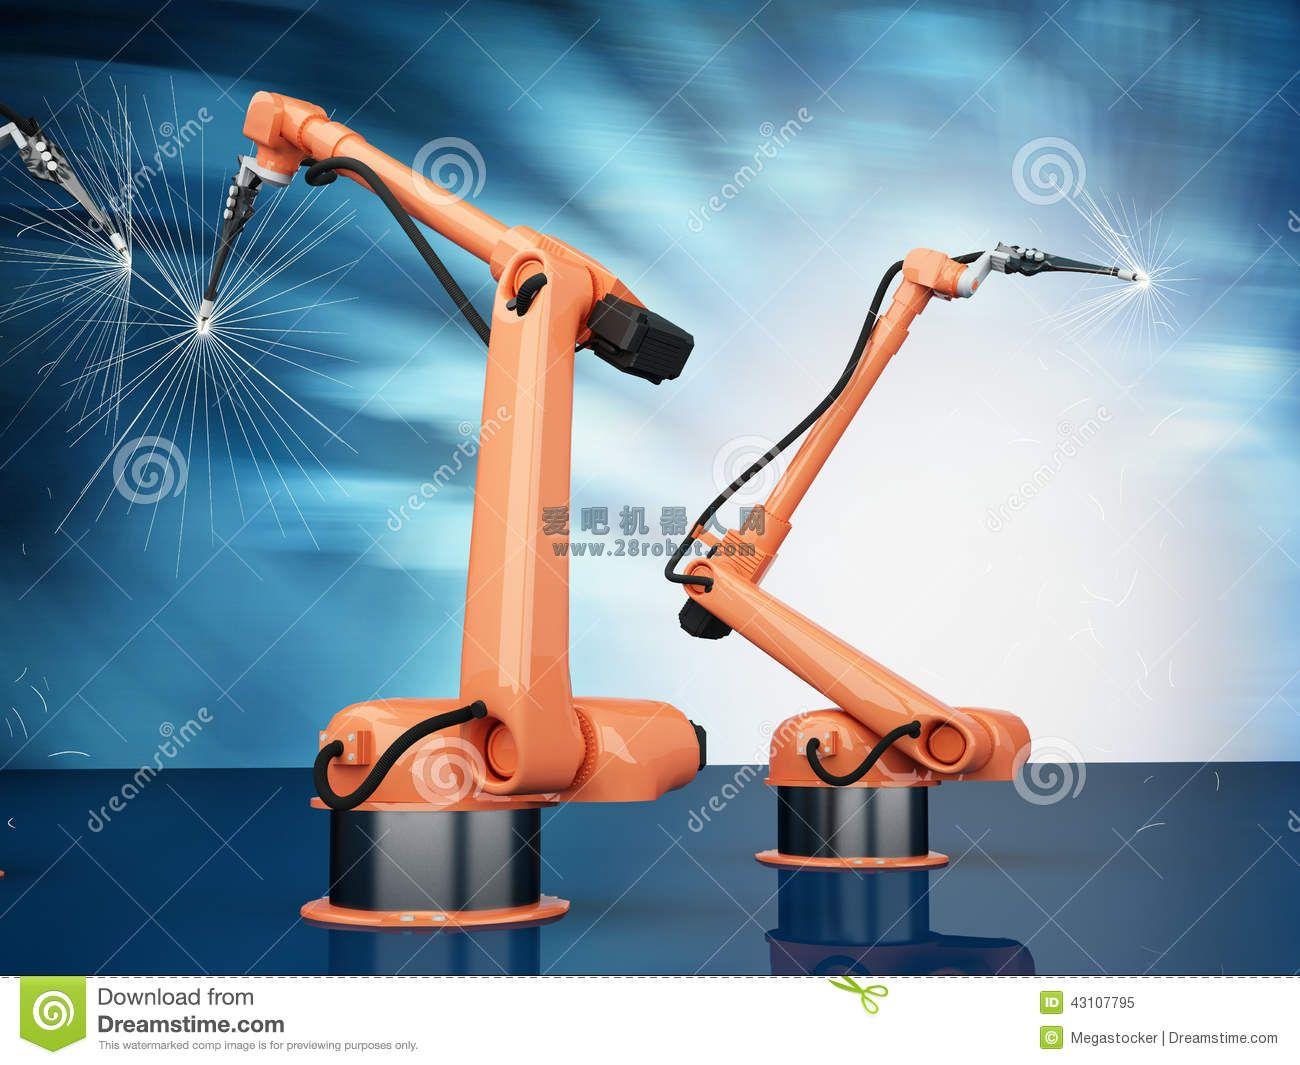 【业界观点】2016年工业机器人需求增速将放缓